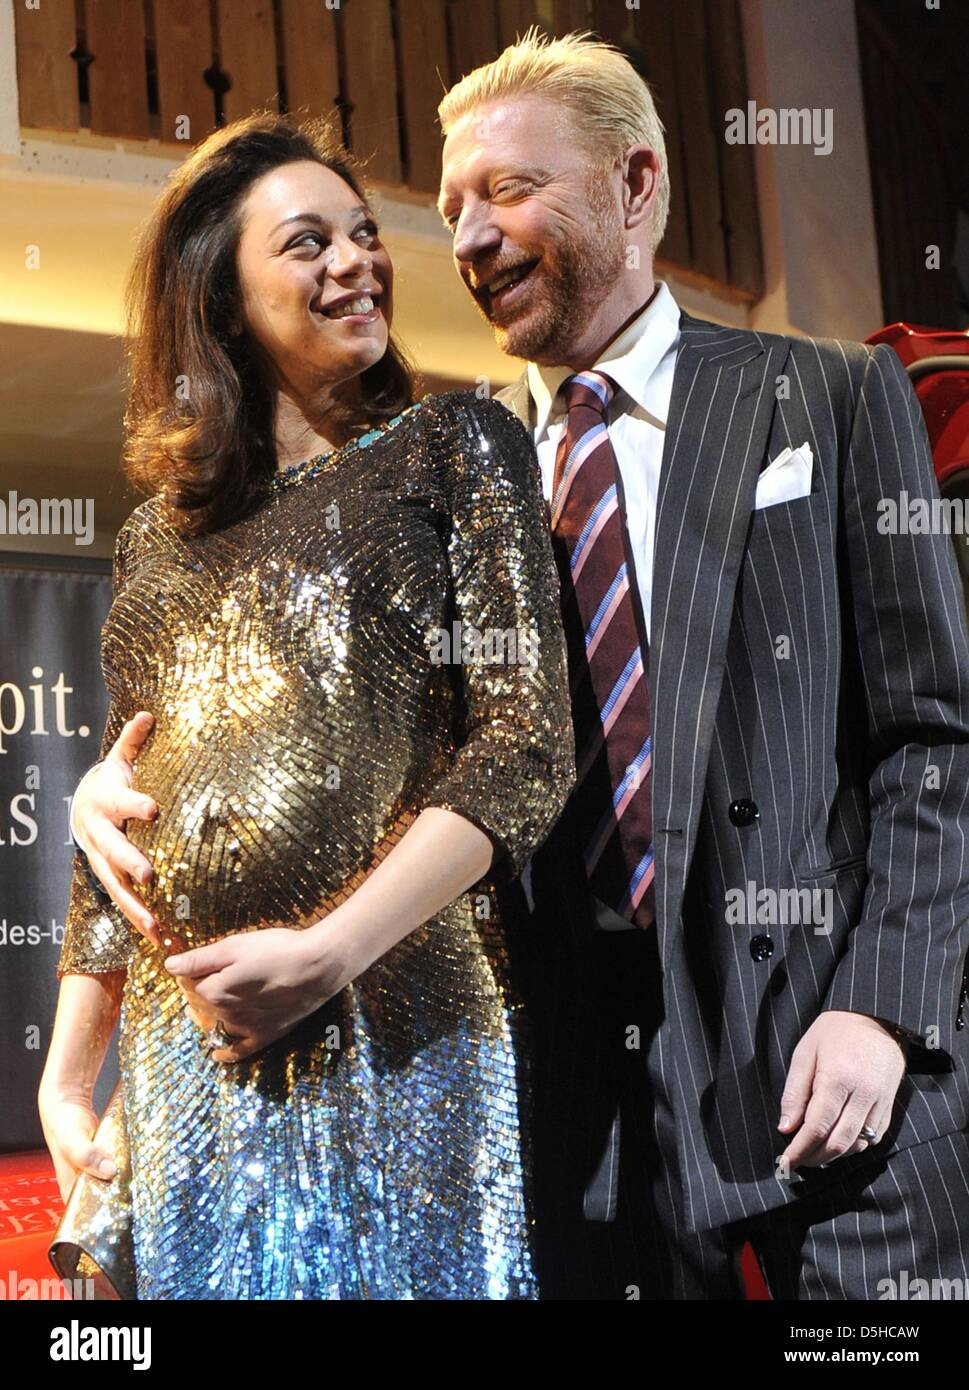 ARCHIV - Der ehemalige Tennisprofi Boris Becker und seine schwangere Frau Lilly Kerssenberg stehen am 23.11.2009 Stock Photo